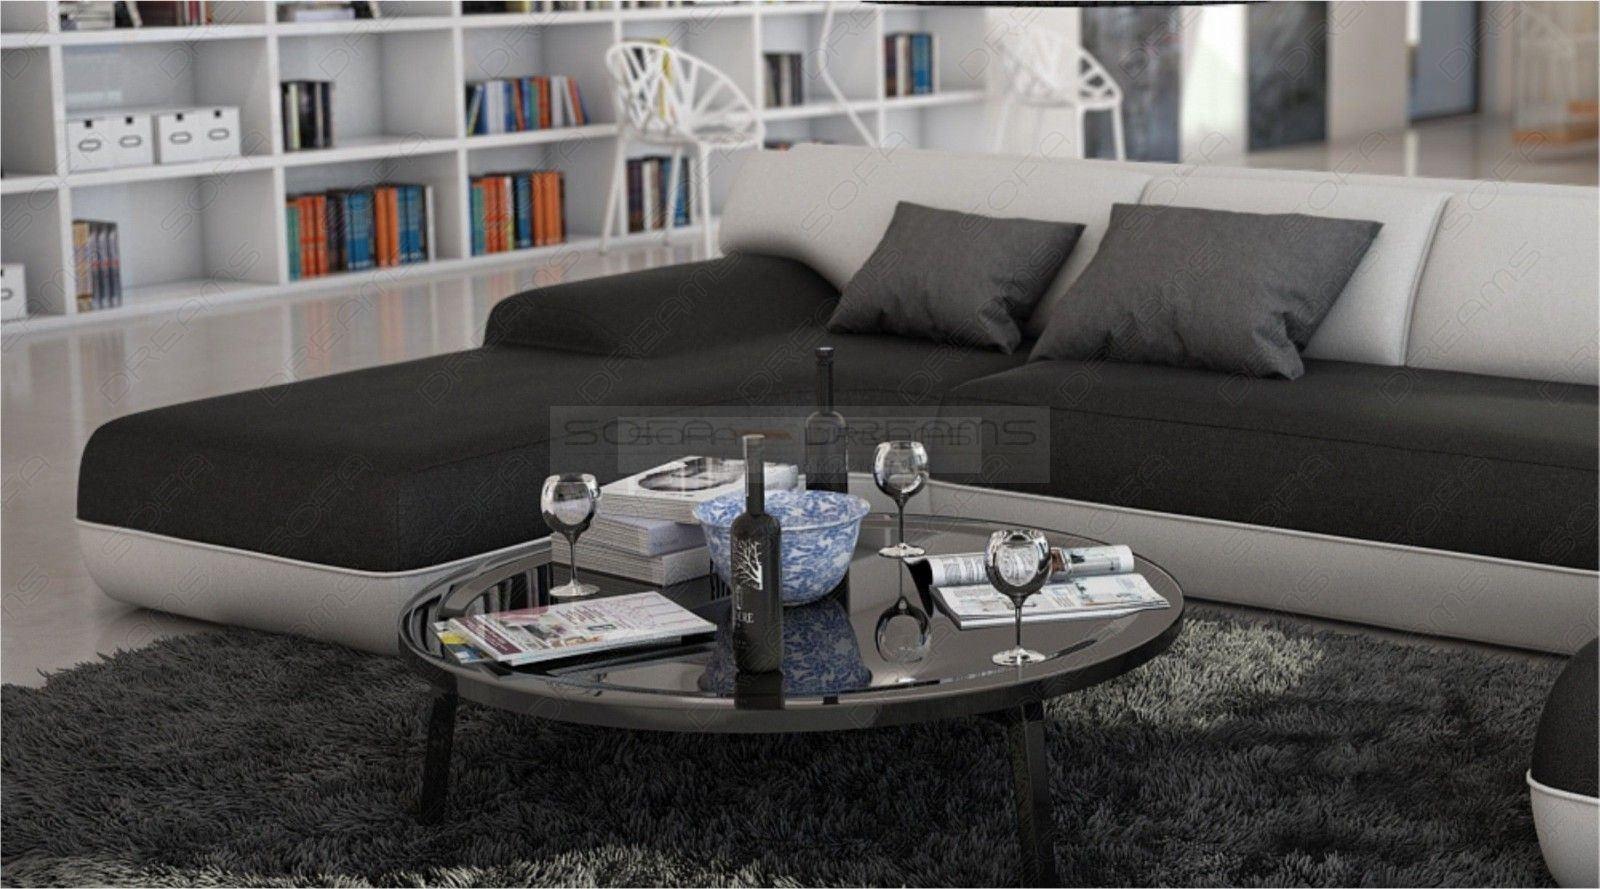 Couch Wohnlandschaft Vida Mit 2 Liegeflachen Designersofa